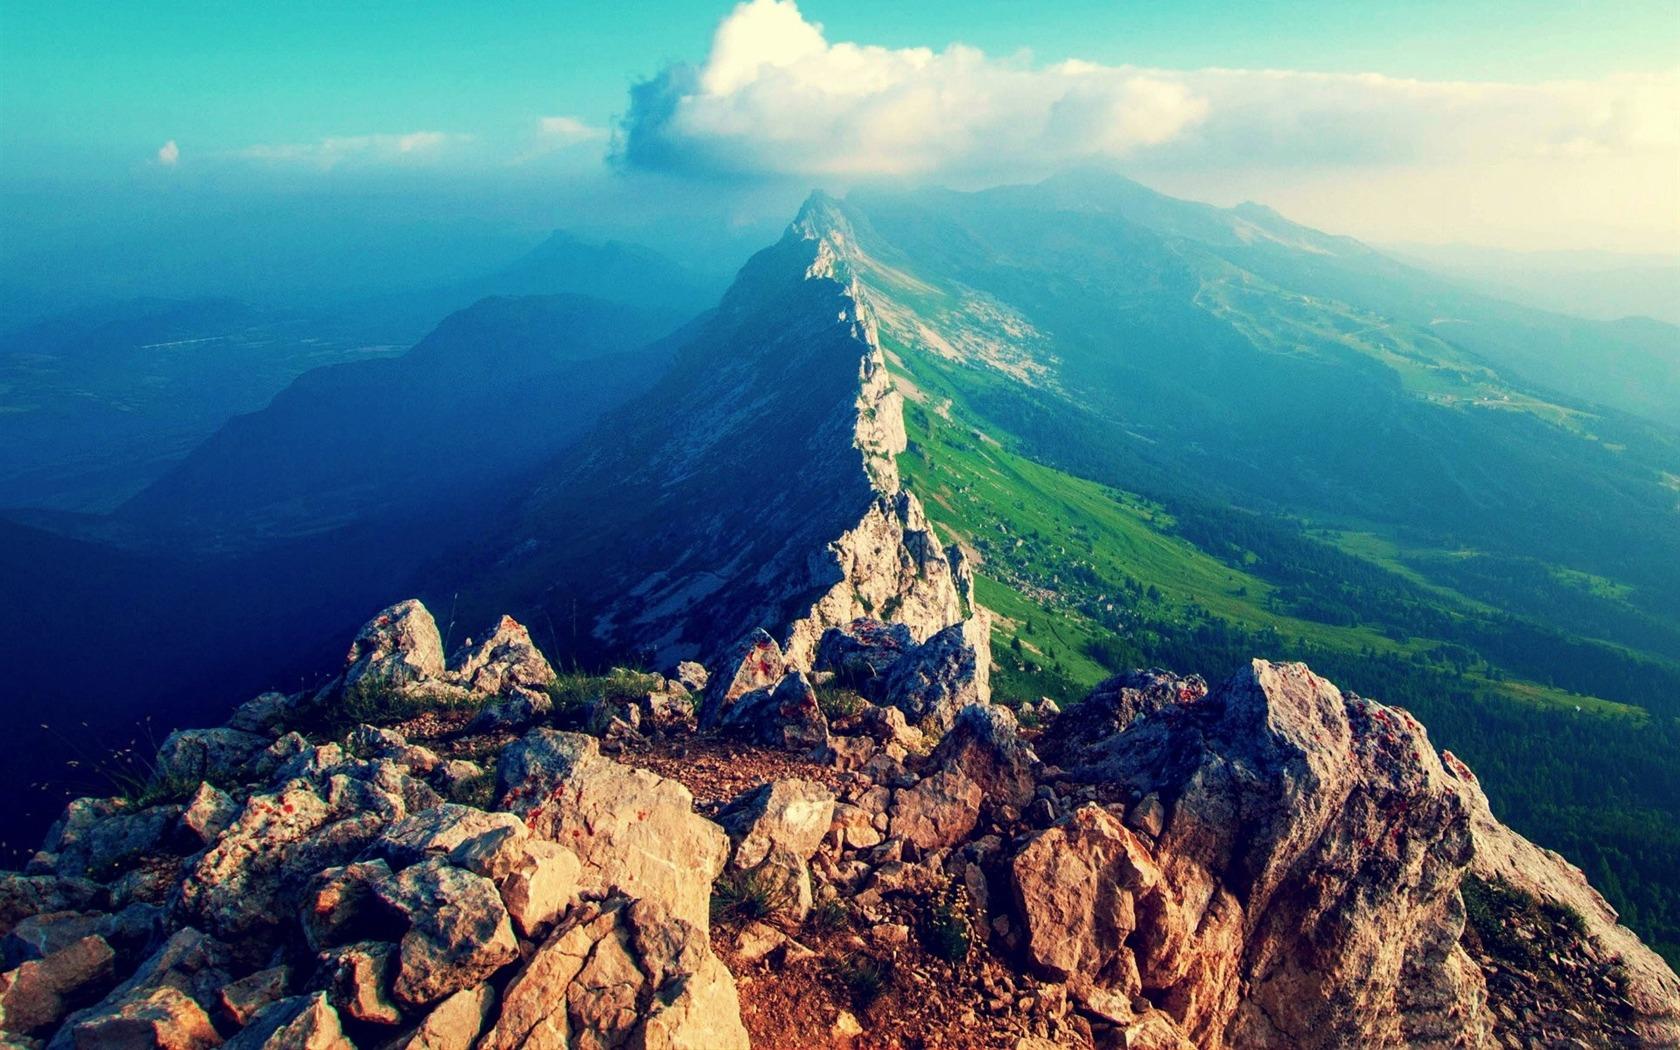 Chillin Landscape Pics Hd Wallpaper Preview 10wallpaper Com